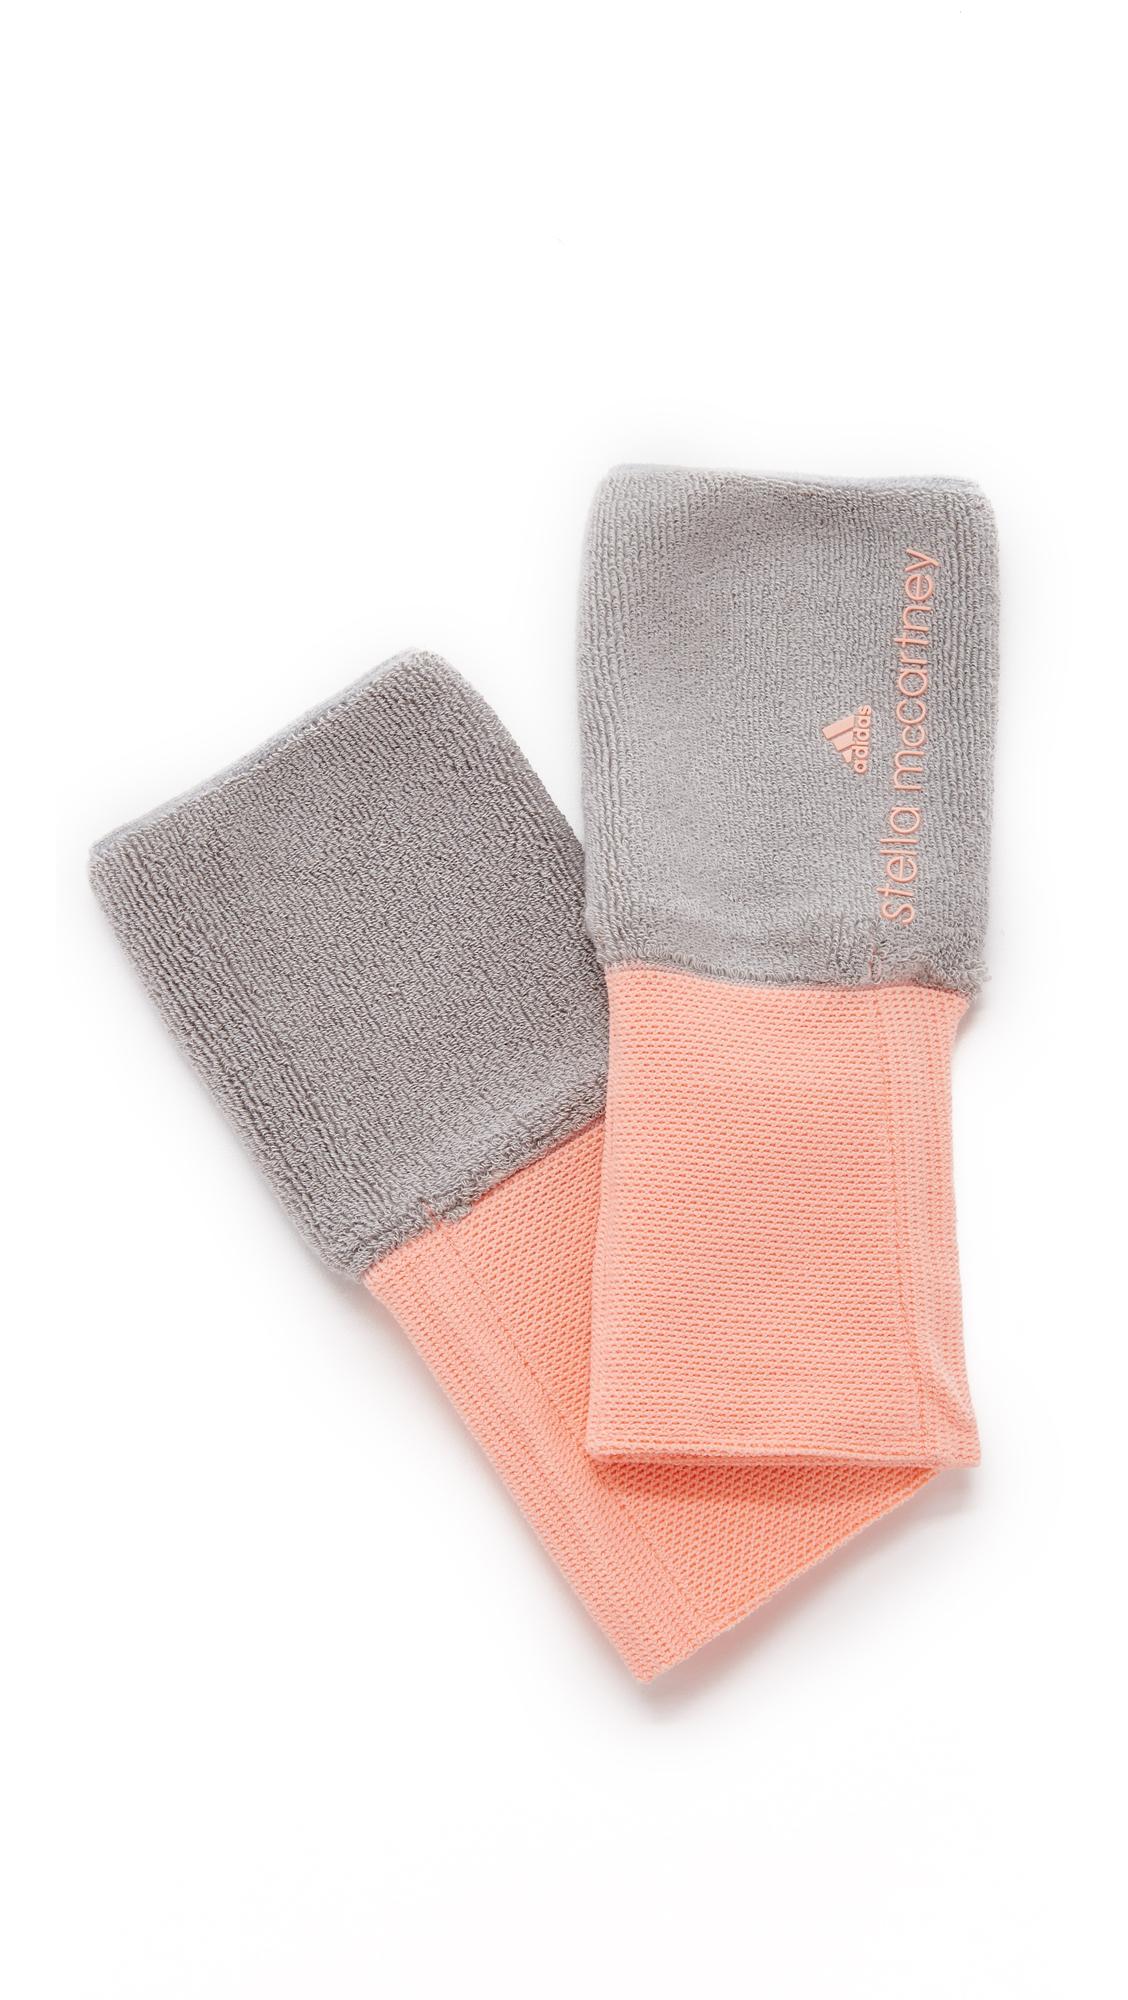 Lyst adidas da stella mccartney tennis braccialetti in rosa